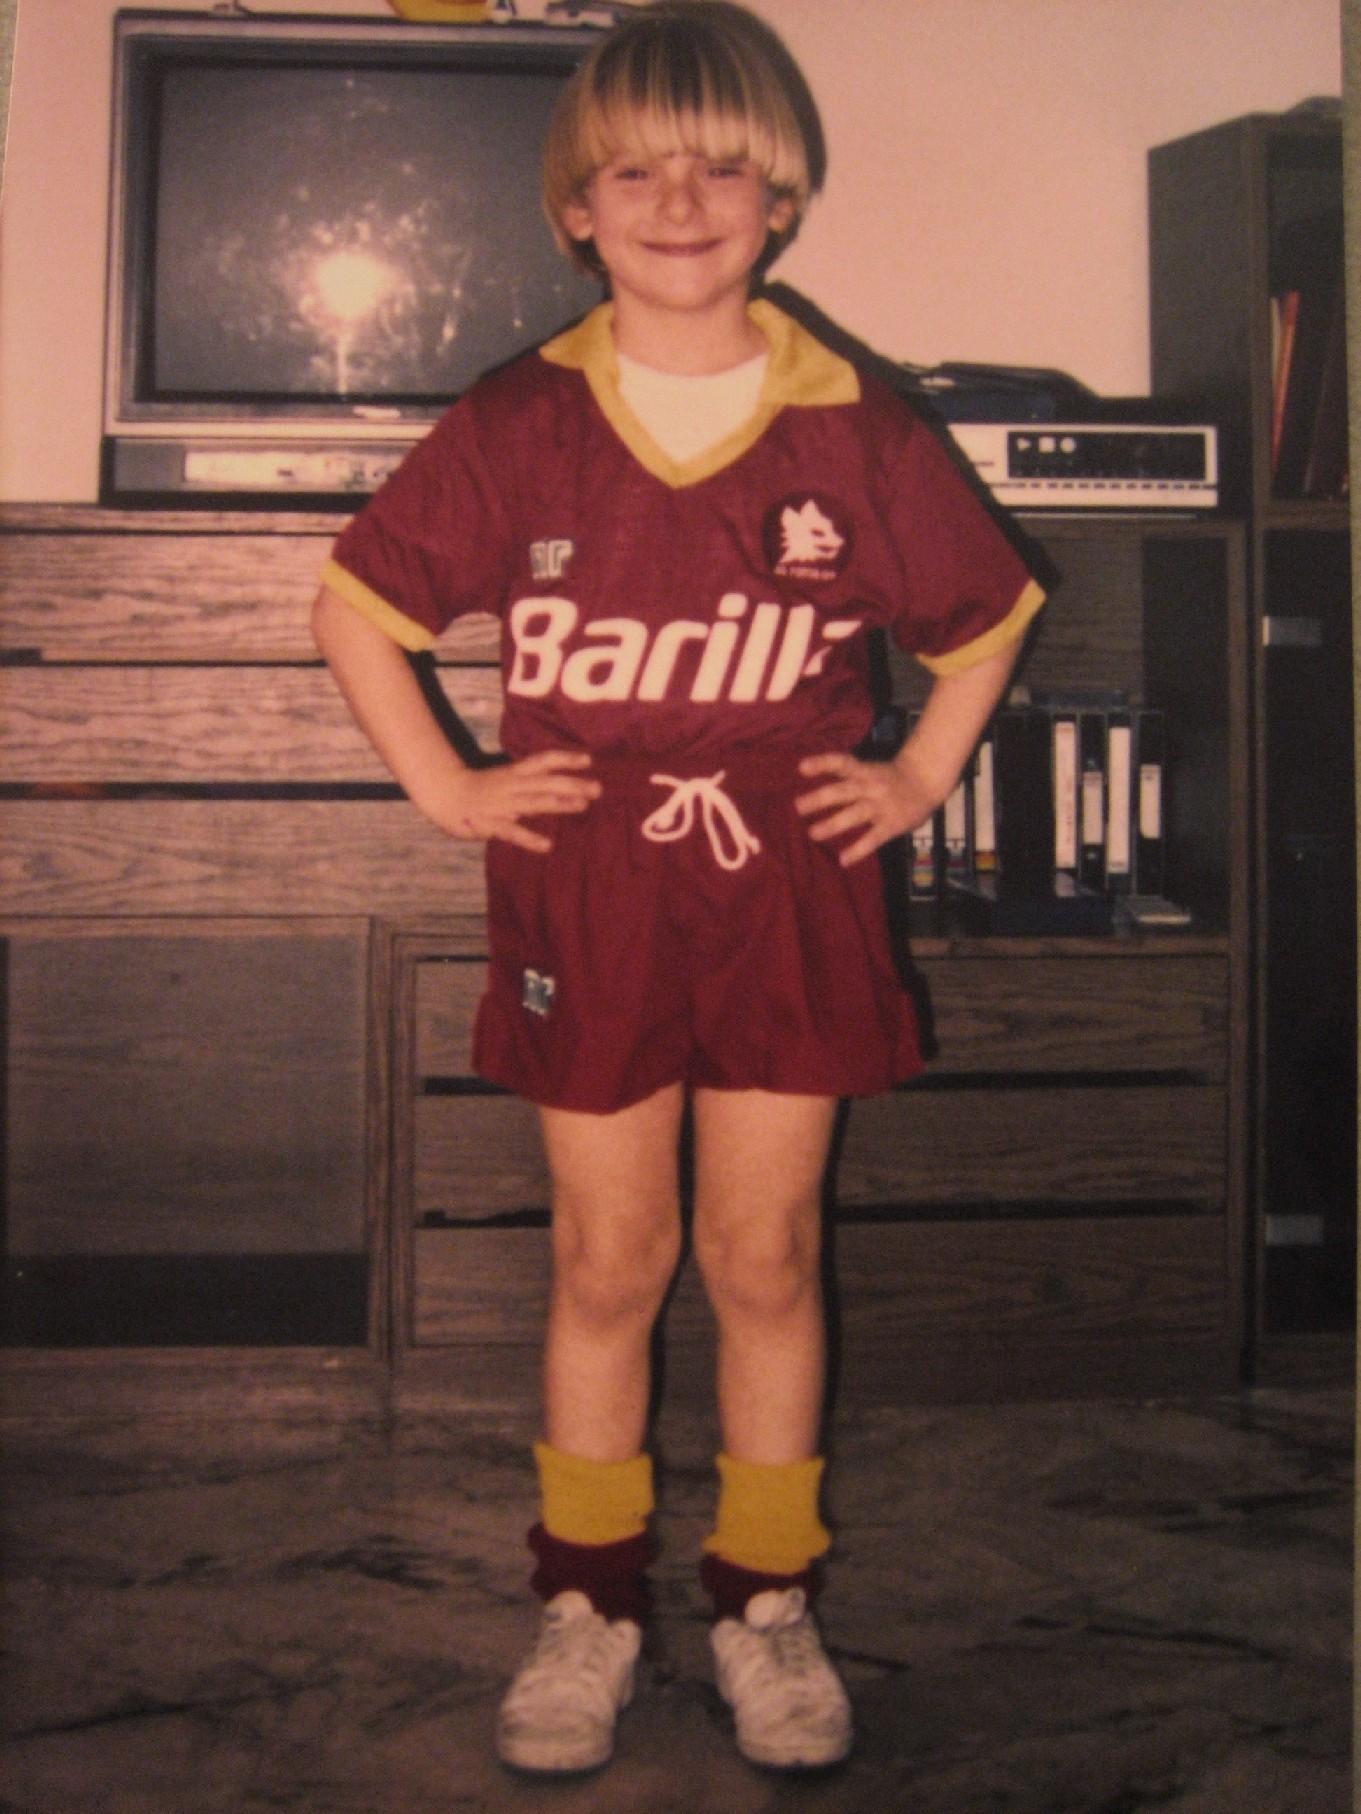 Un giovanissimo Daniele De Rossi con la maglia della squadra del cuore